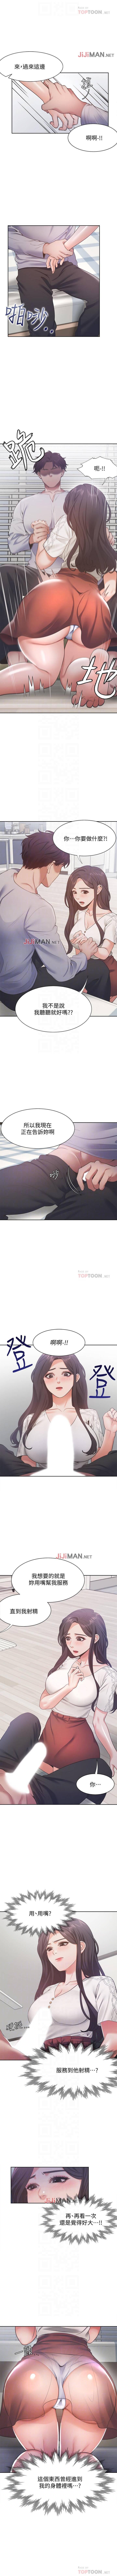 【周五连载】渴望:爱火难耐(作者:Appeal&格子17) 第1~24话 152